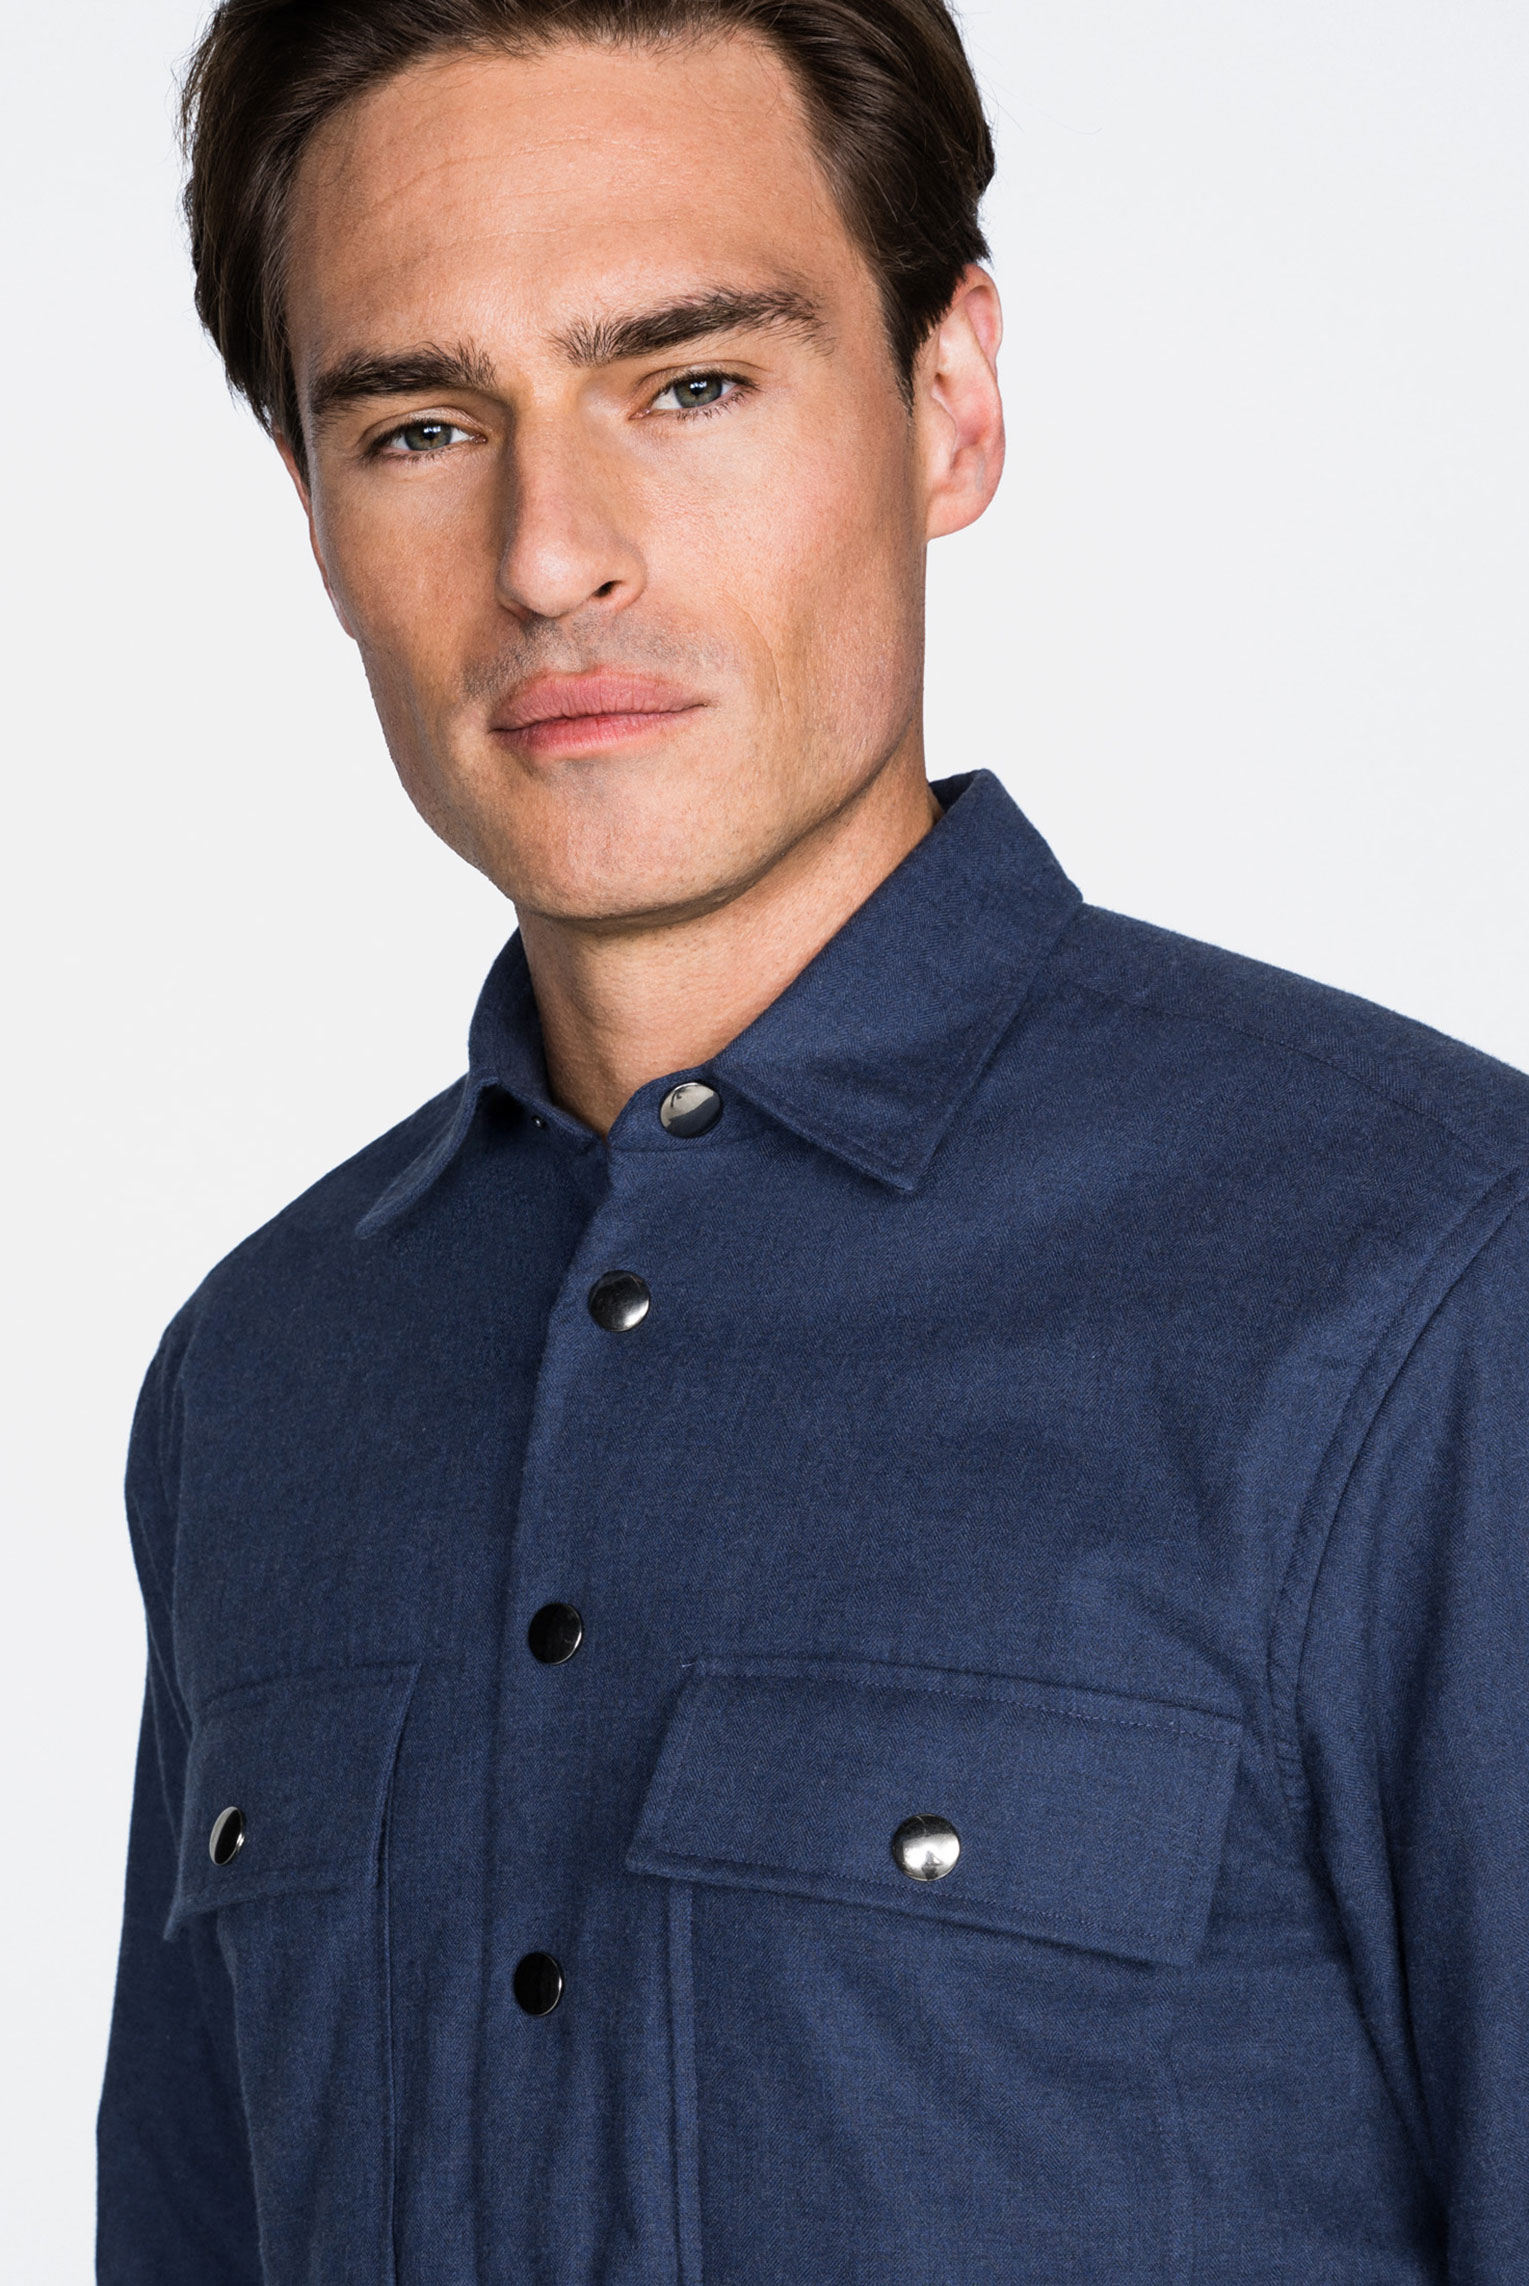 Casual Hemden+Gefüttertes  Flanellhemd mit großen Knöpfen aus Baumwolle Tailor Fit Blau+35.3931.NY.155161.780.37